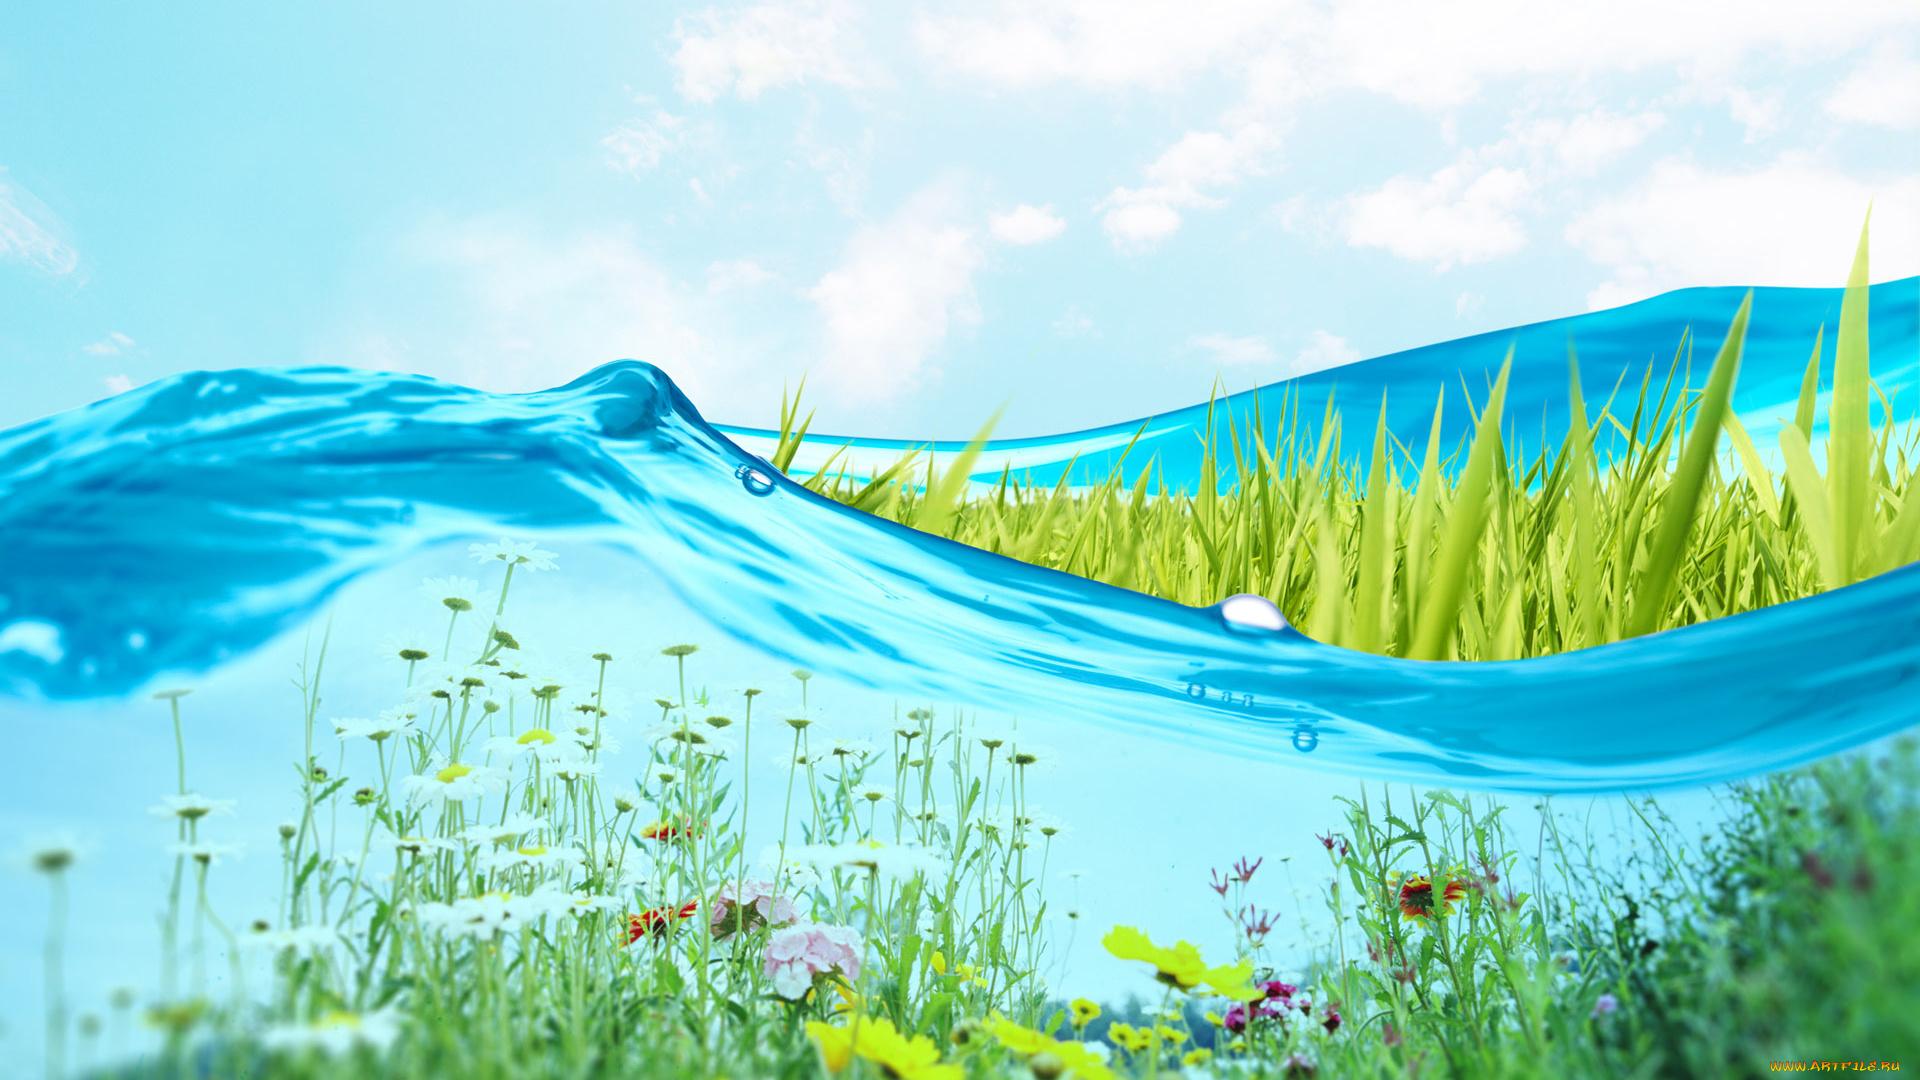 том, картинки небо трава вода вам рецепт